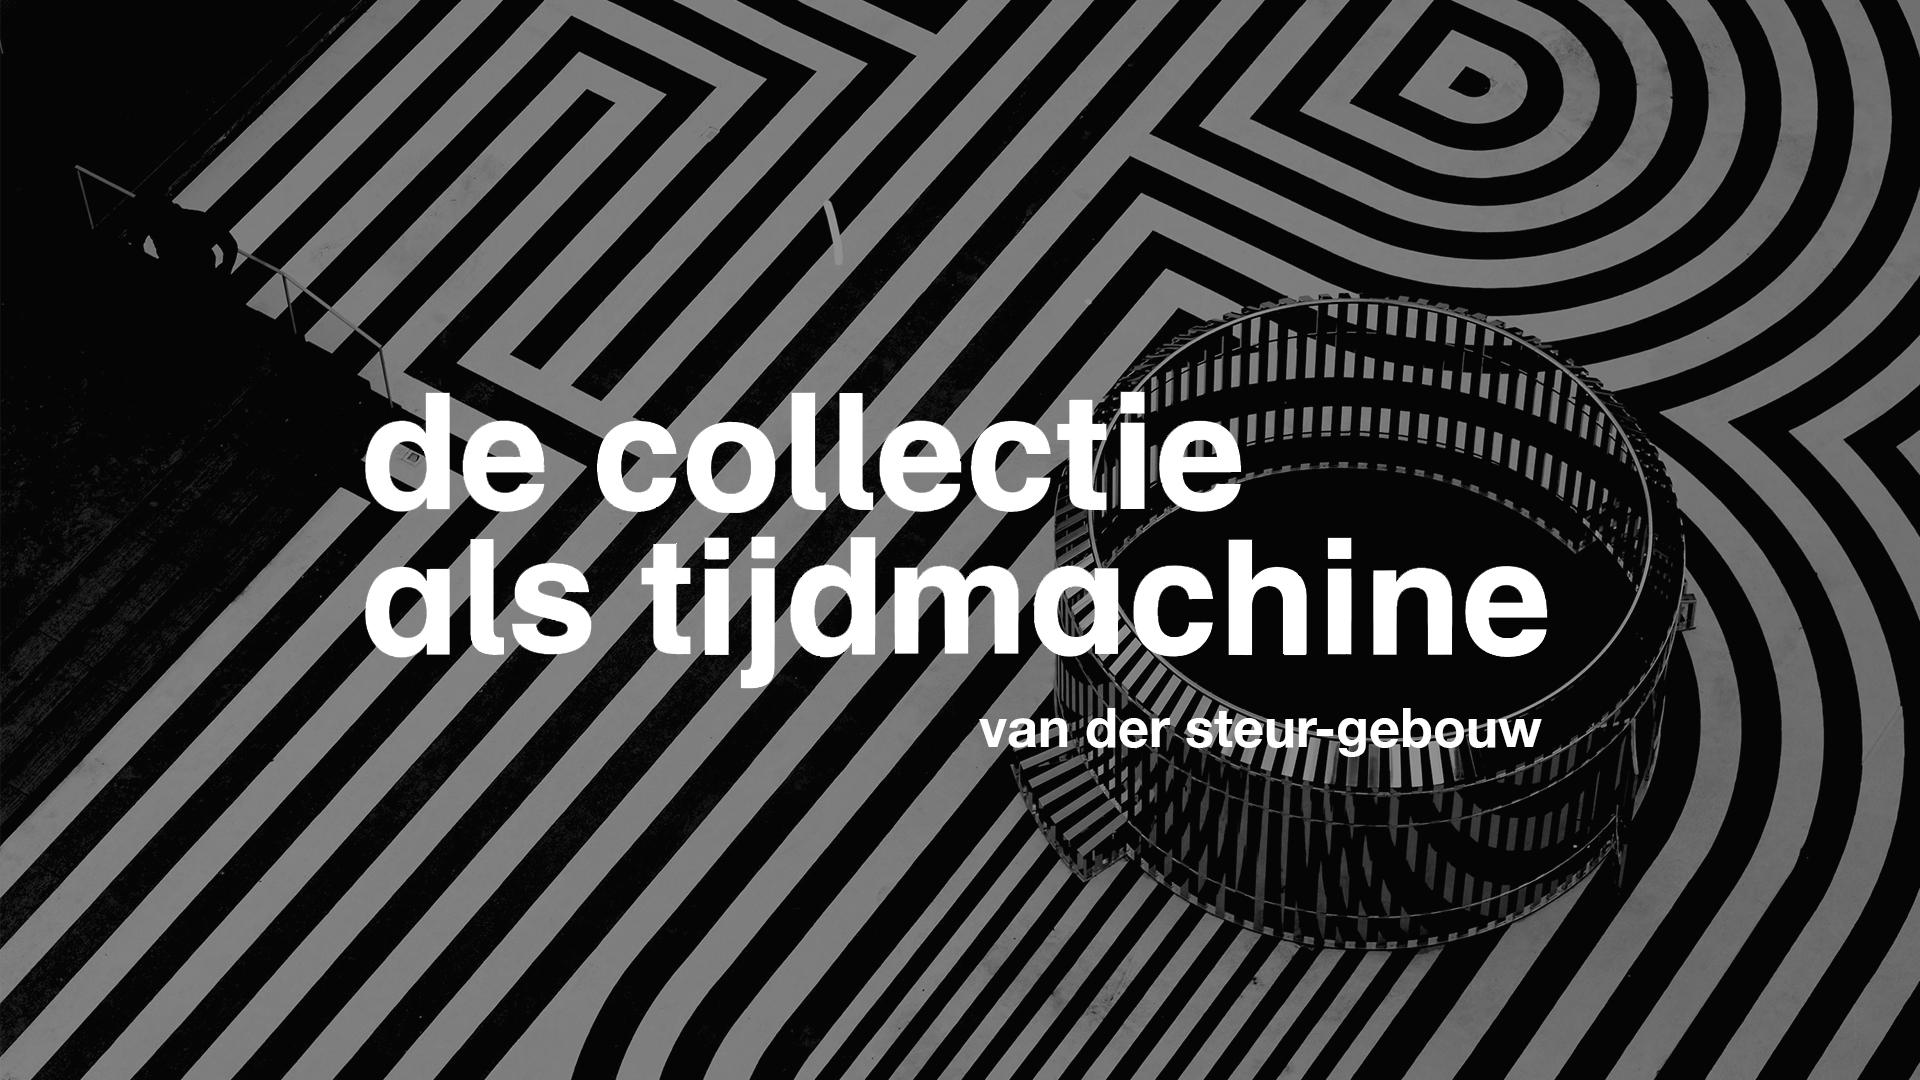 De Collectie Als Tijd Machine